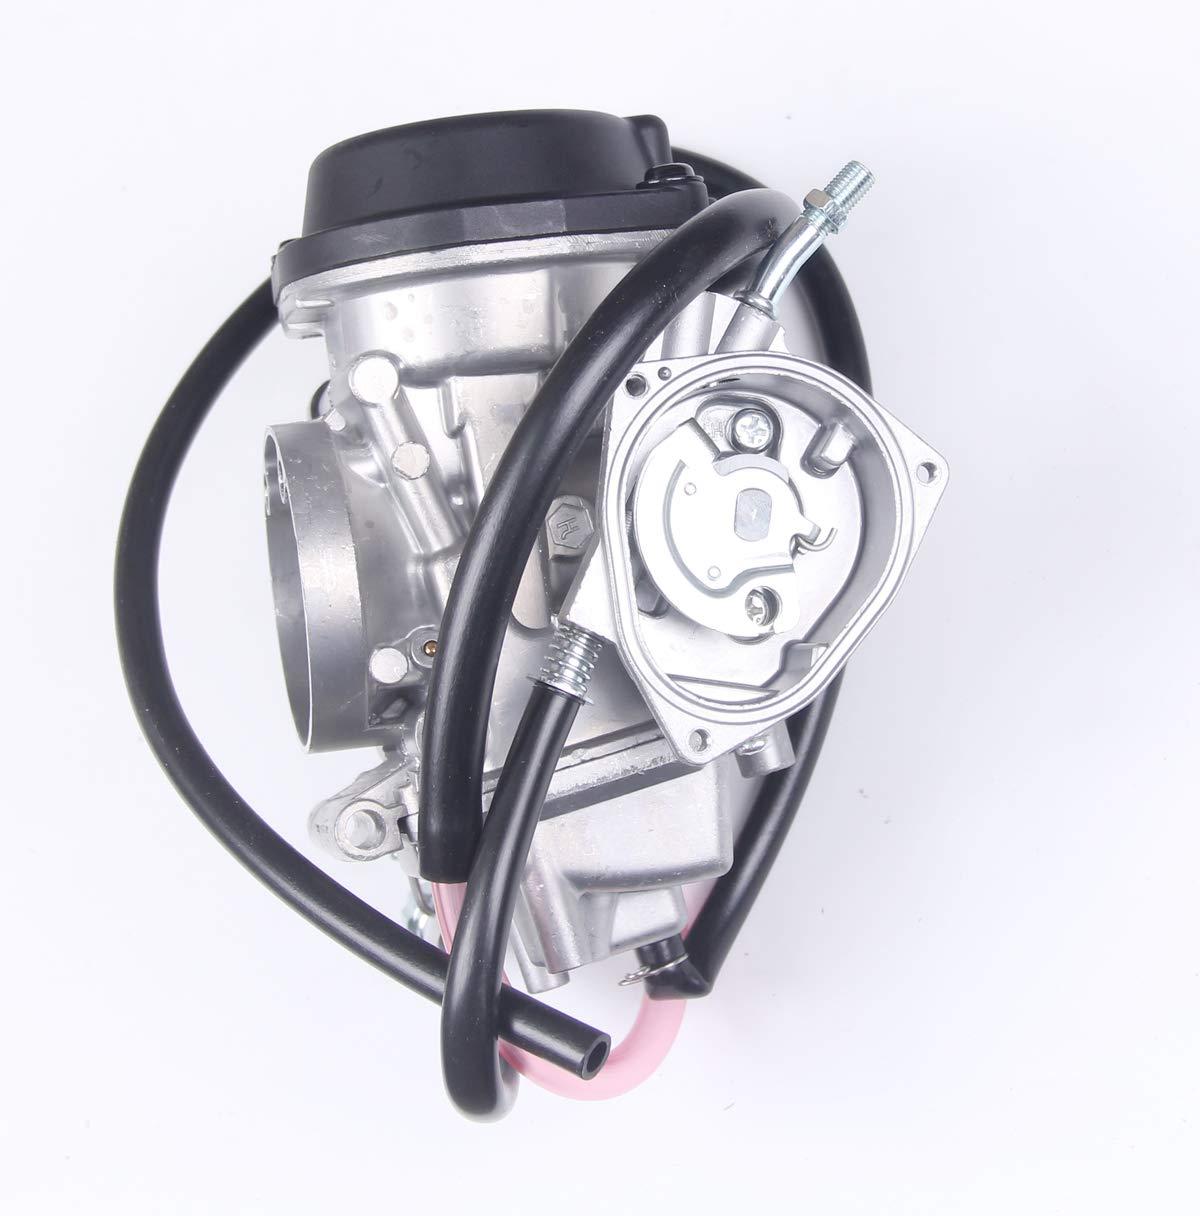 New Carburetor Carb for Suzuki Ozark 250 LTF250 LT-F250F LT-F 250 2002-2009 Replace# 13200-05G01